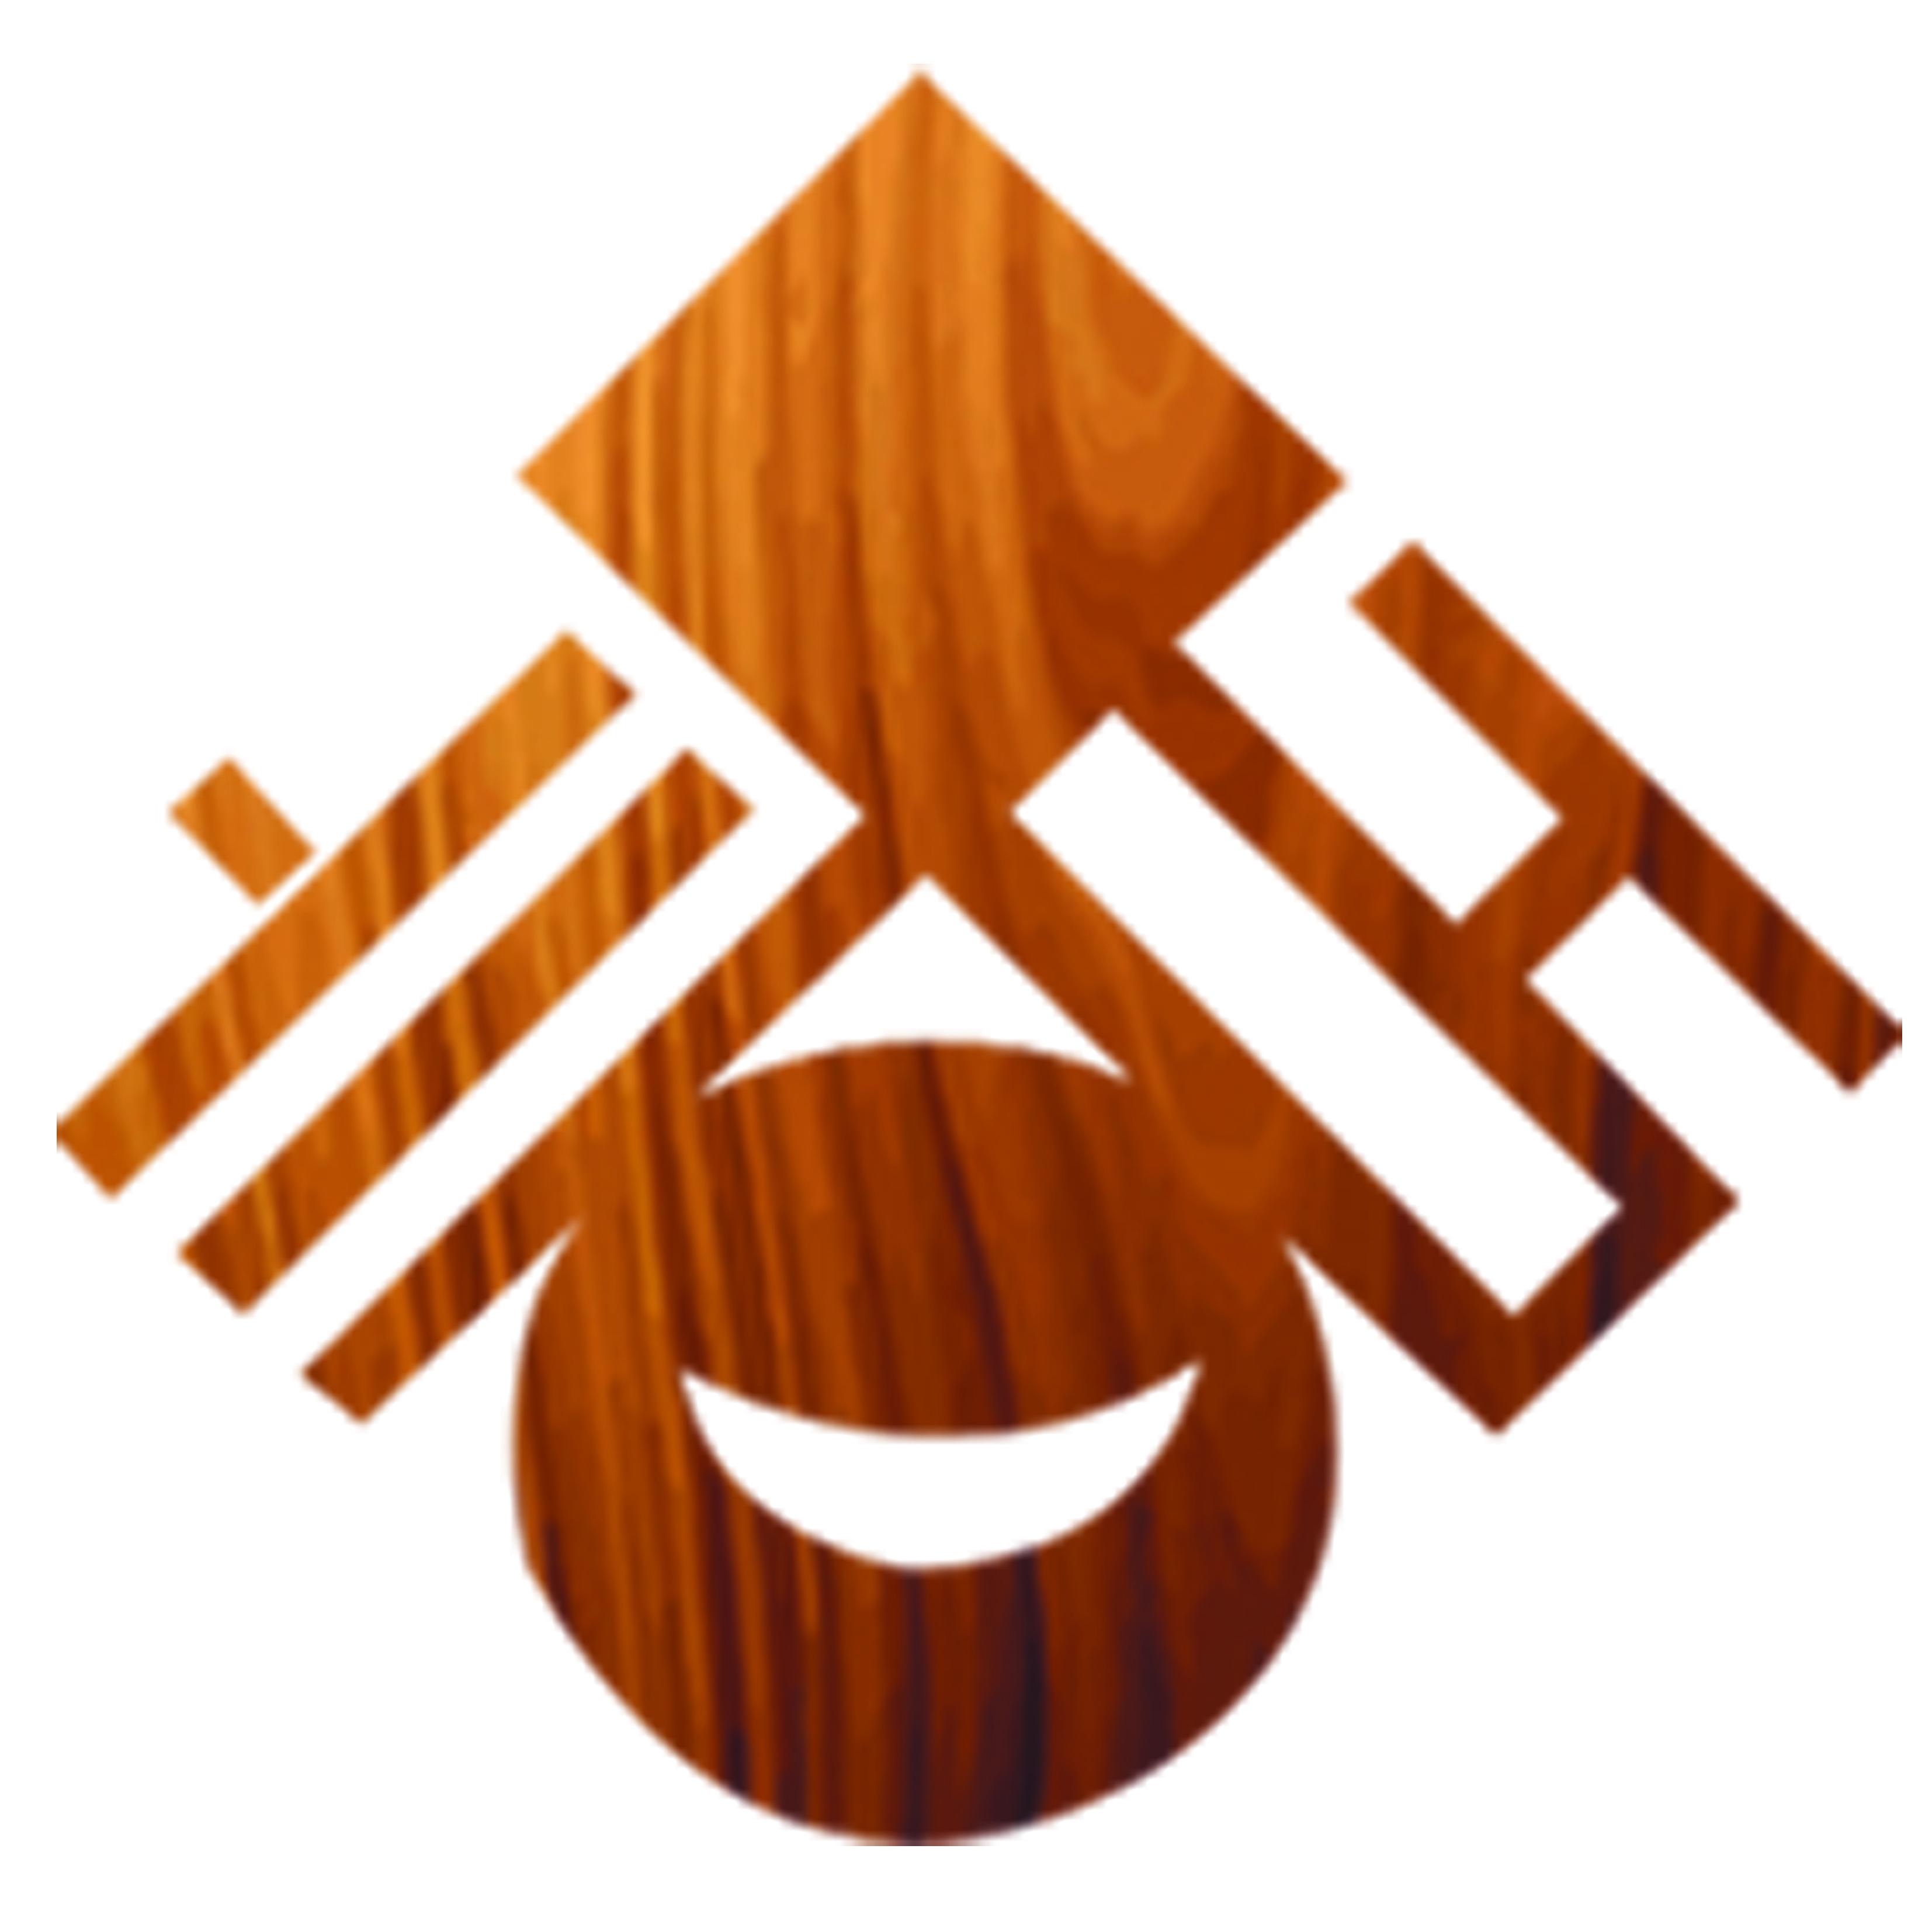 木言木语家具加盟